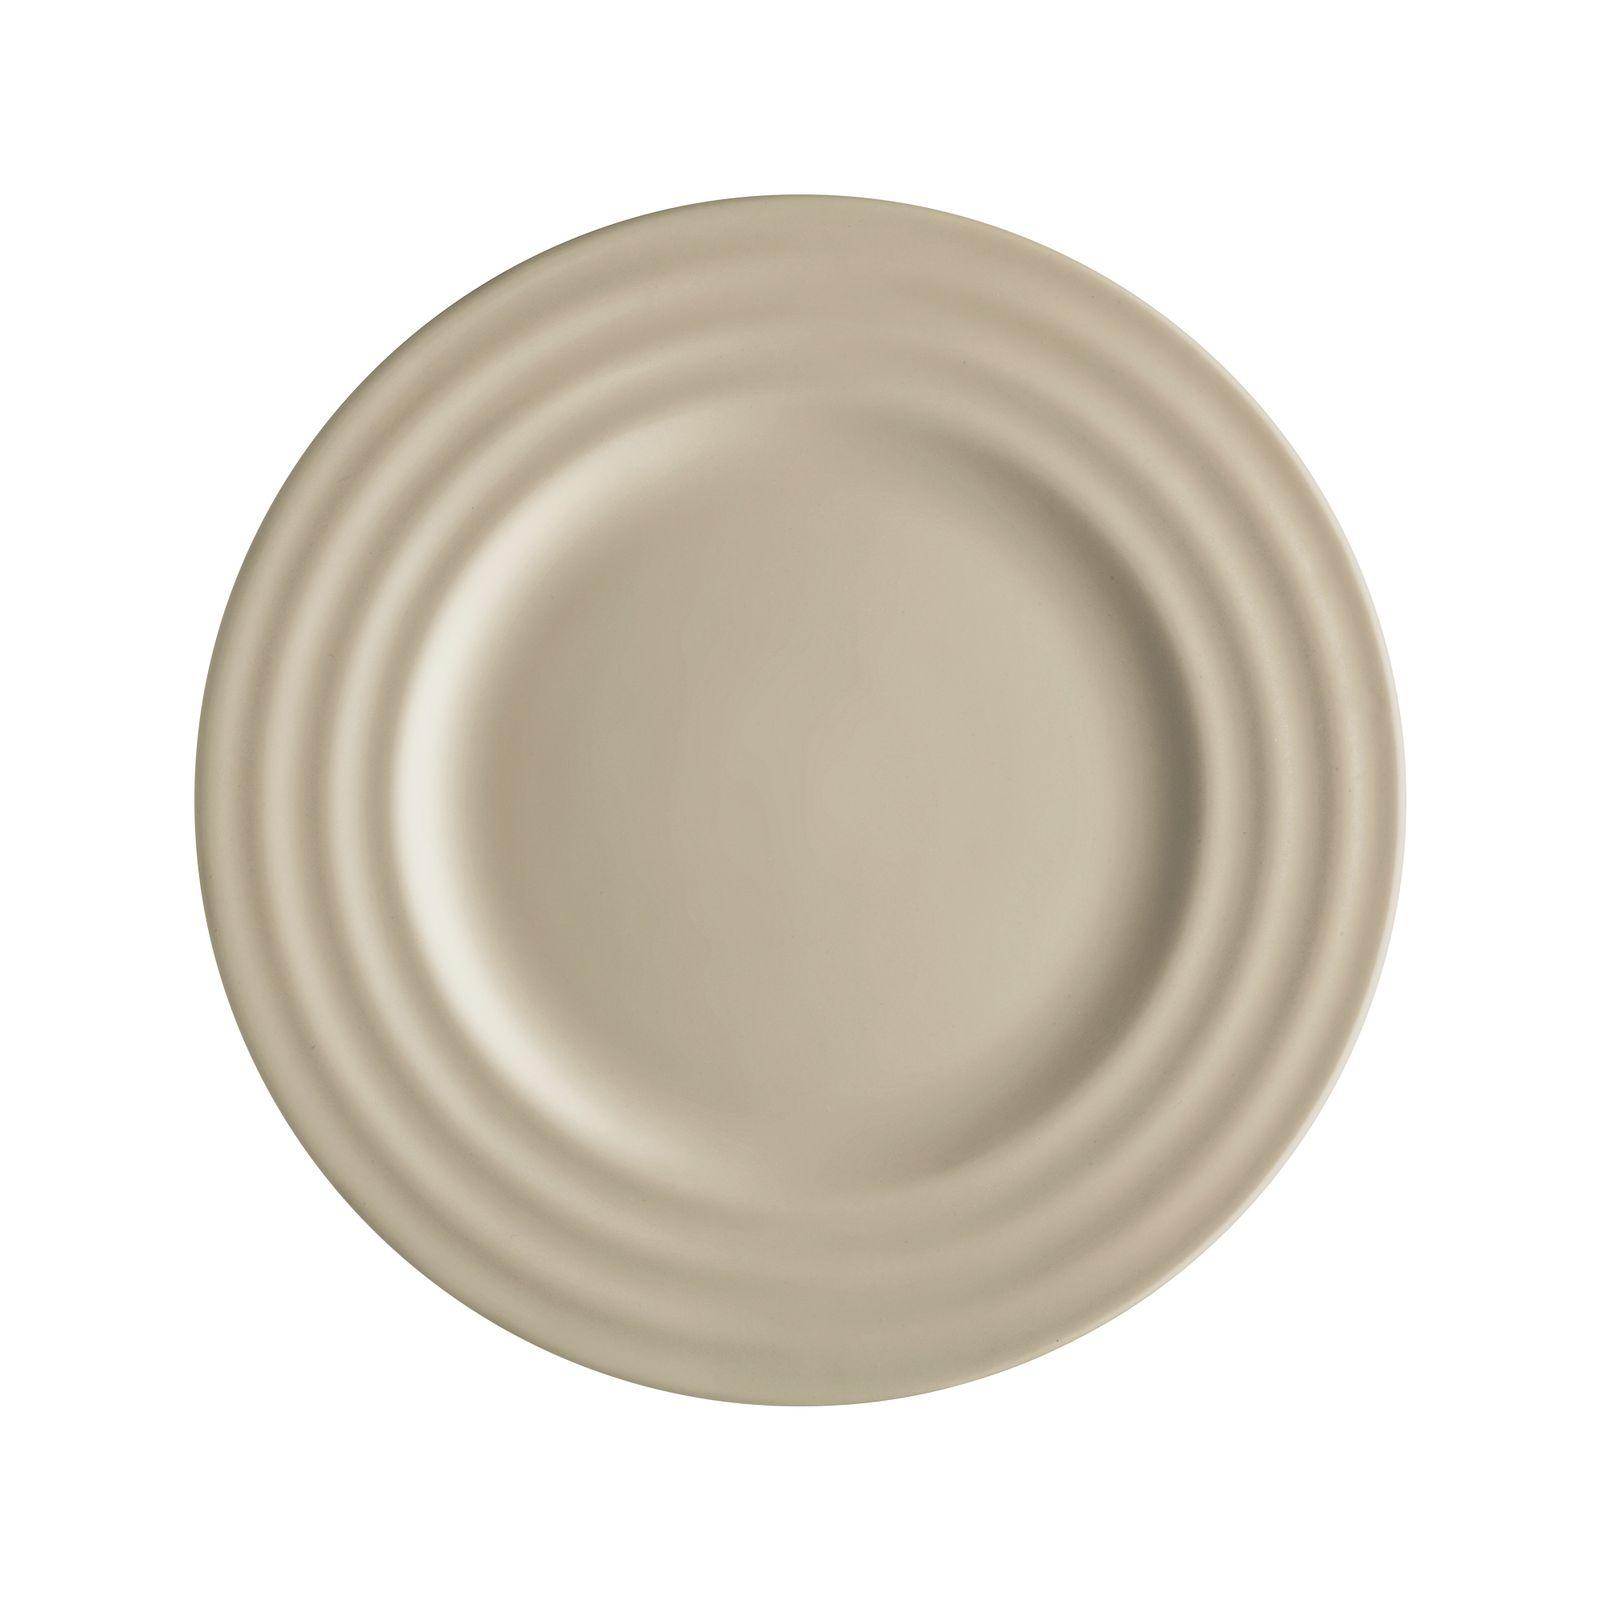 Assiette à dessert Wave beige 20 cm AMBITION